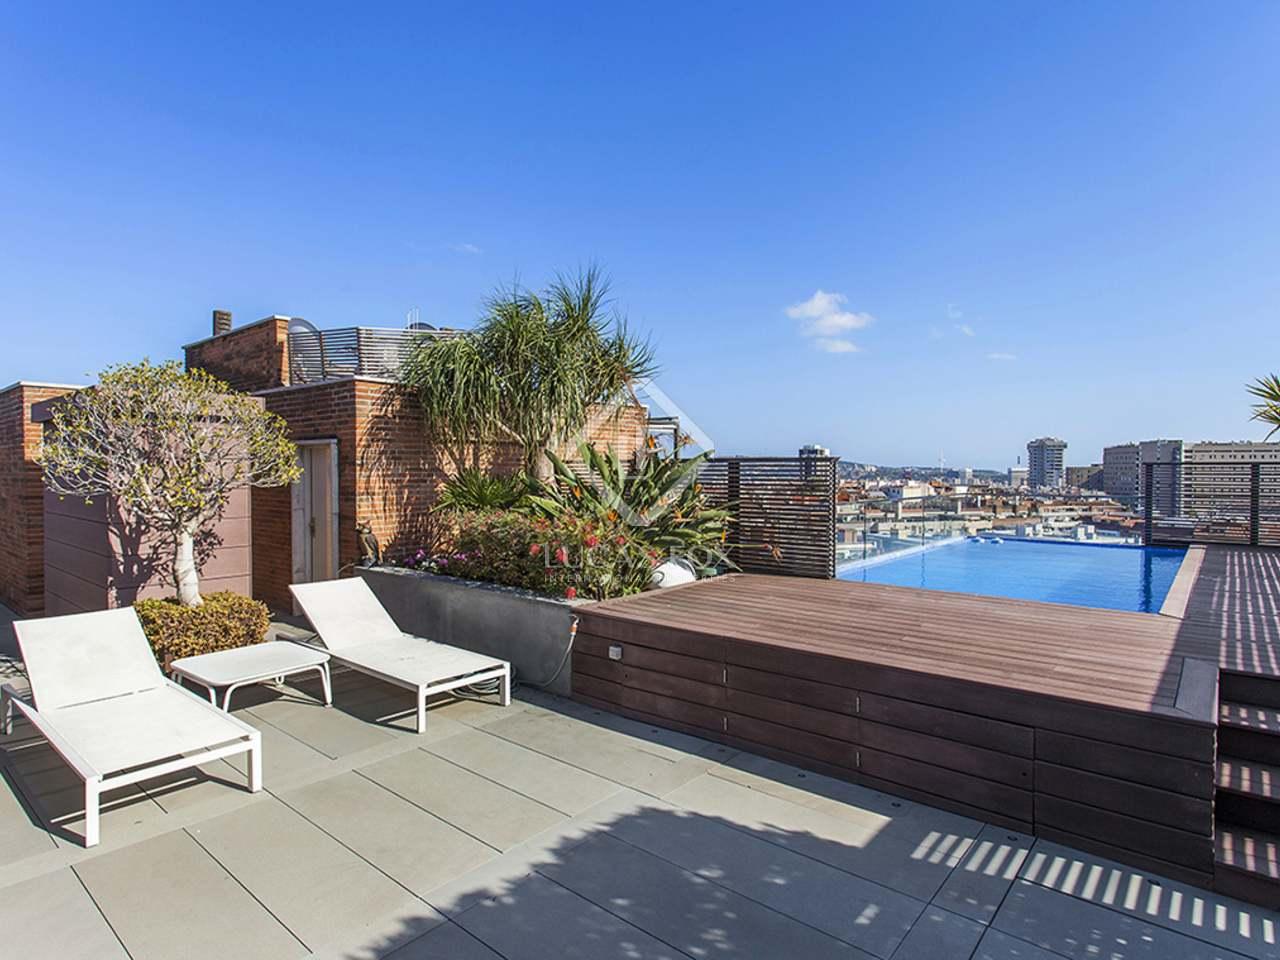 Tico con piscina privada en venta cerca de tur park - Pisos con piscina en madrid ...